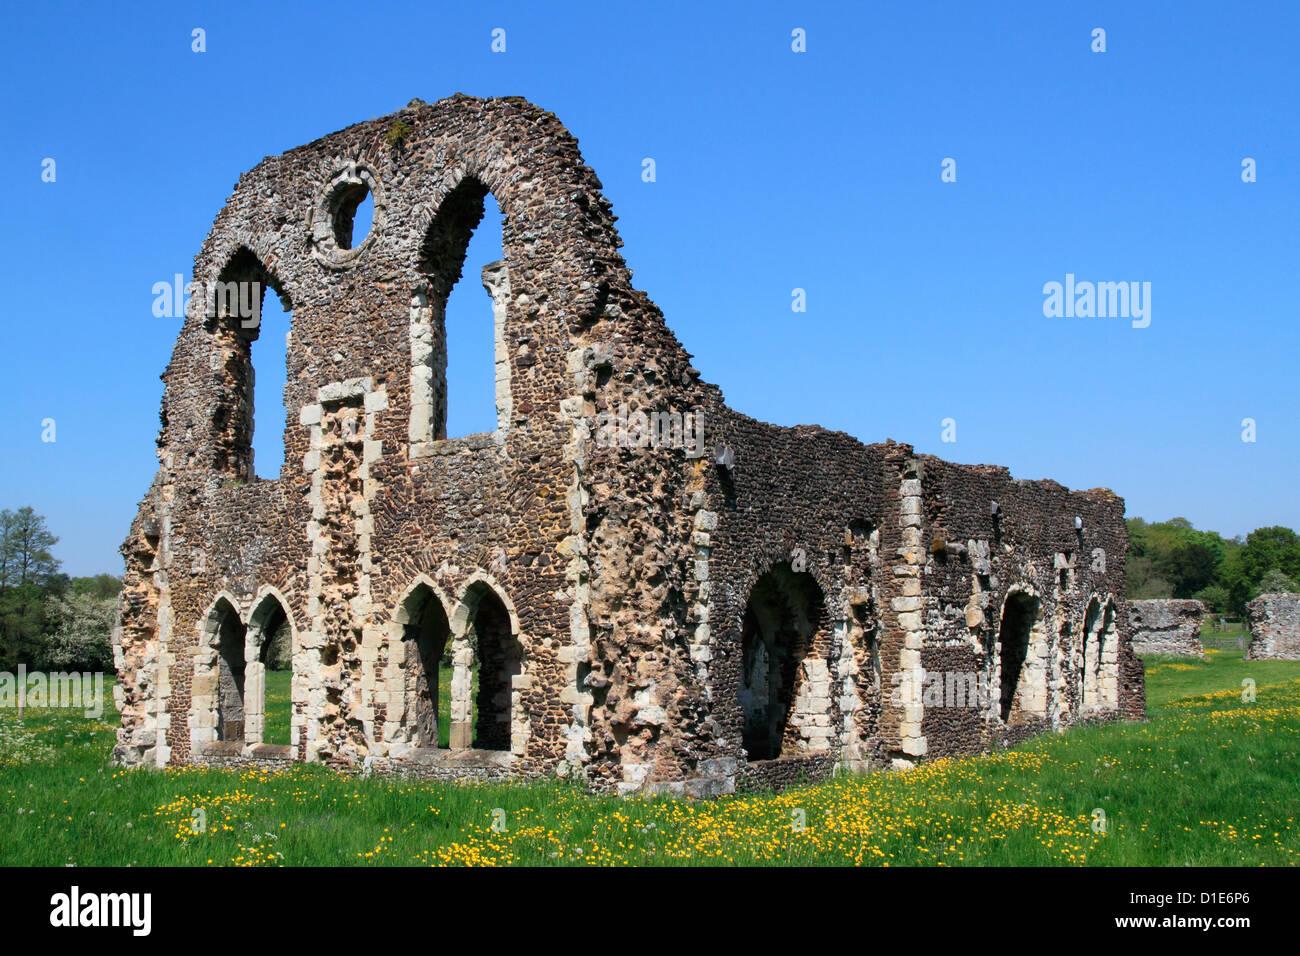 Waverley Abtei, in der Nähe von Farnham, Surrey, England, Vereinigtes Königreich, Europa Stockbild